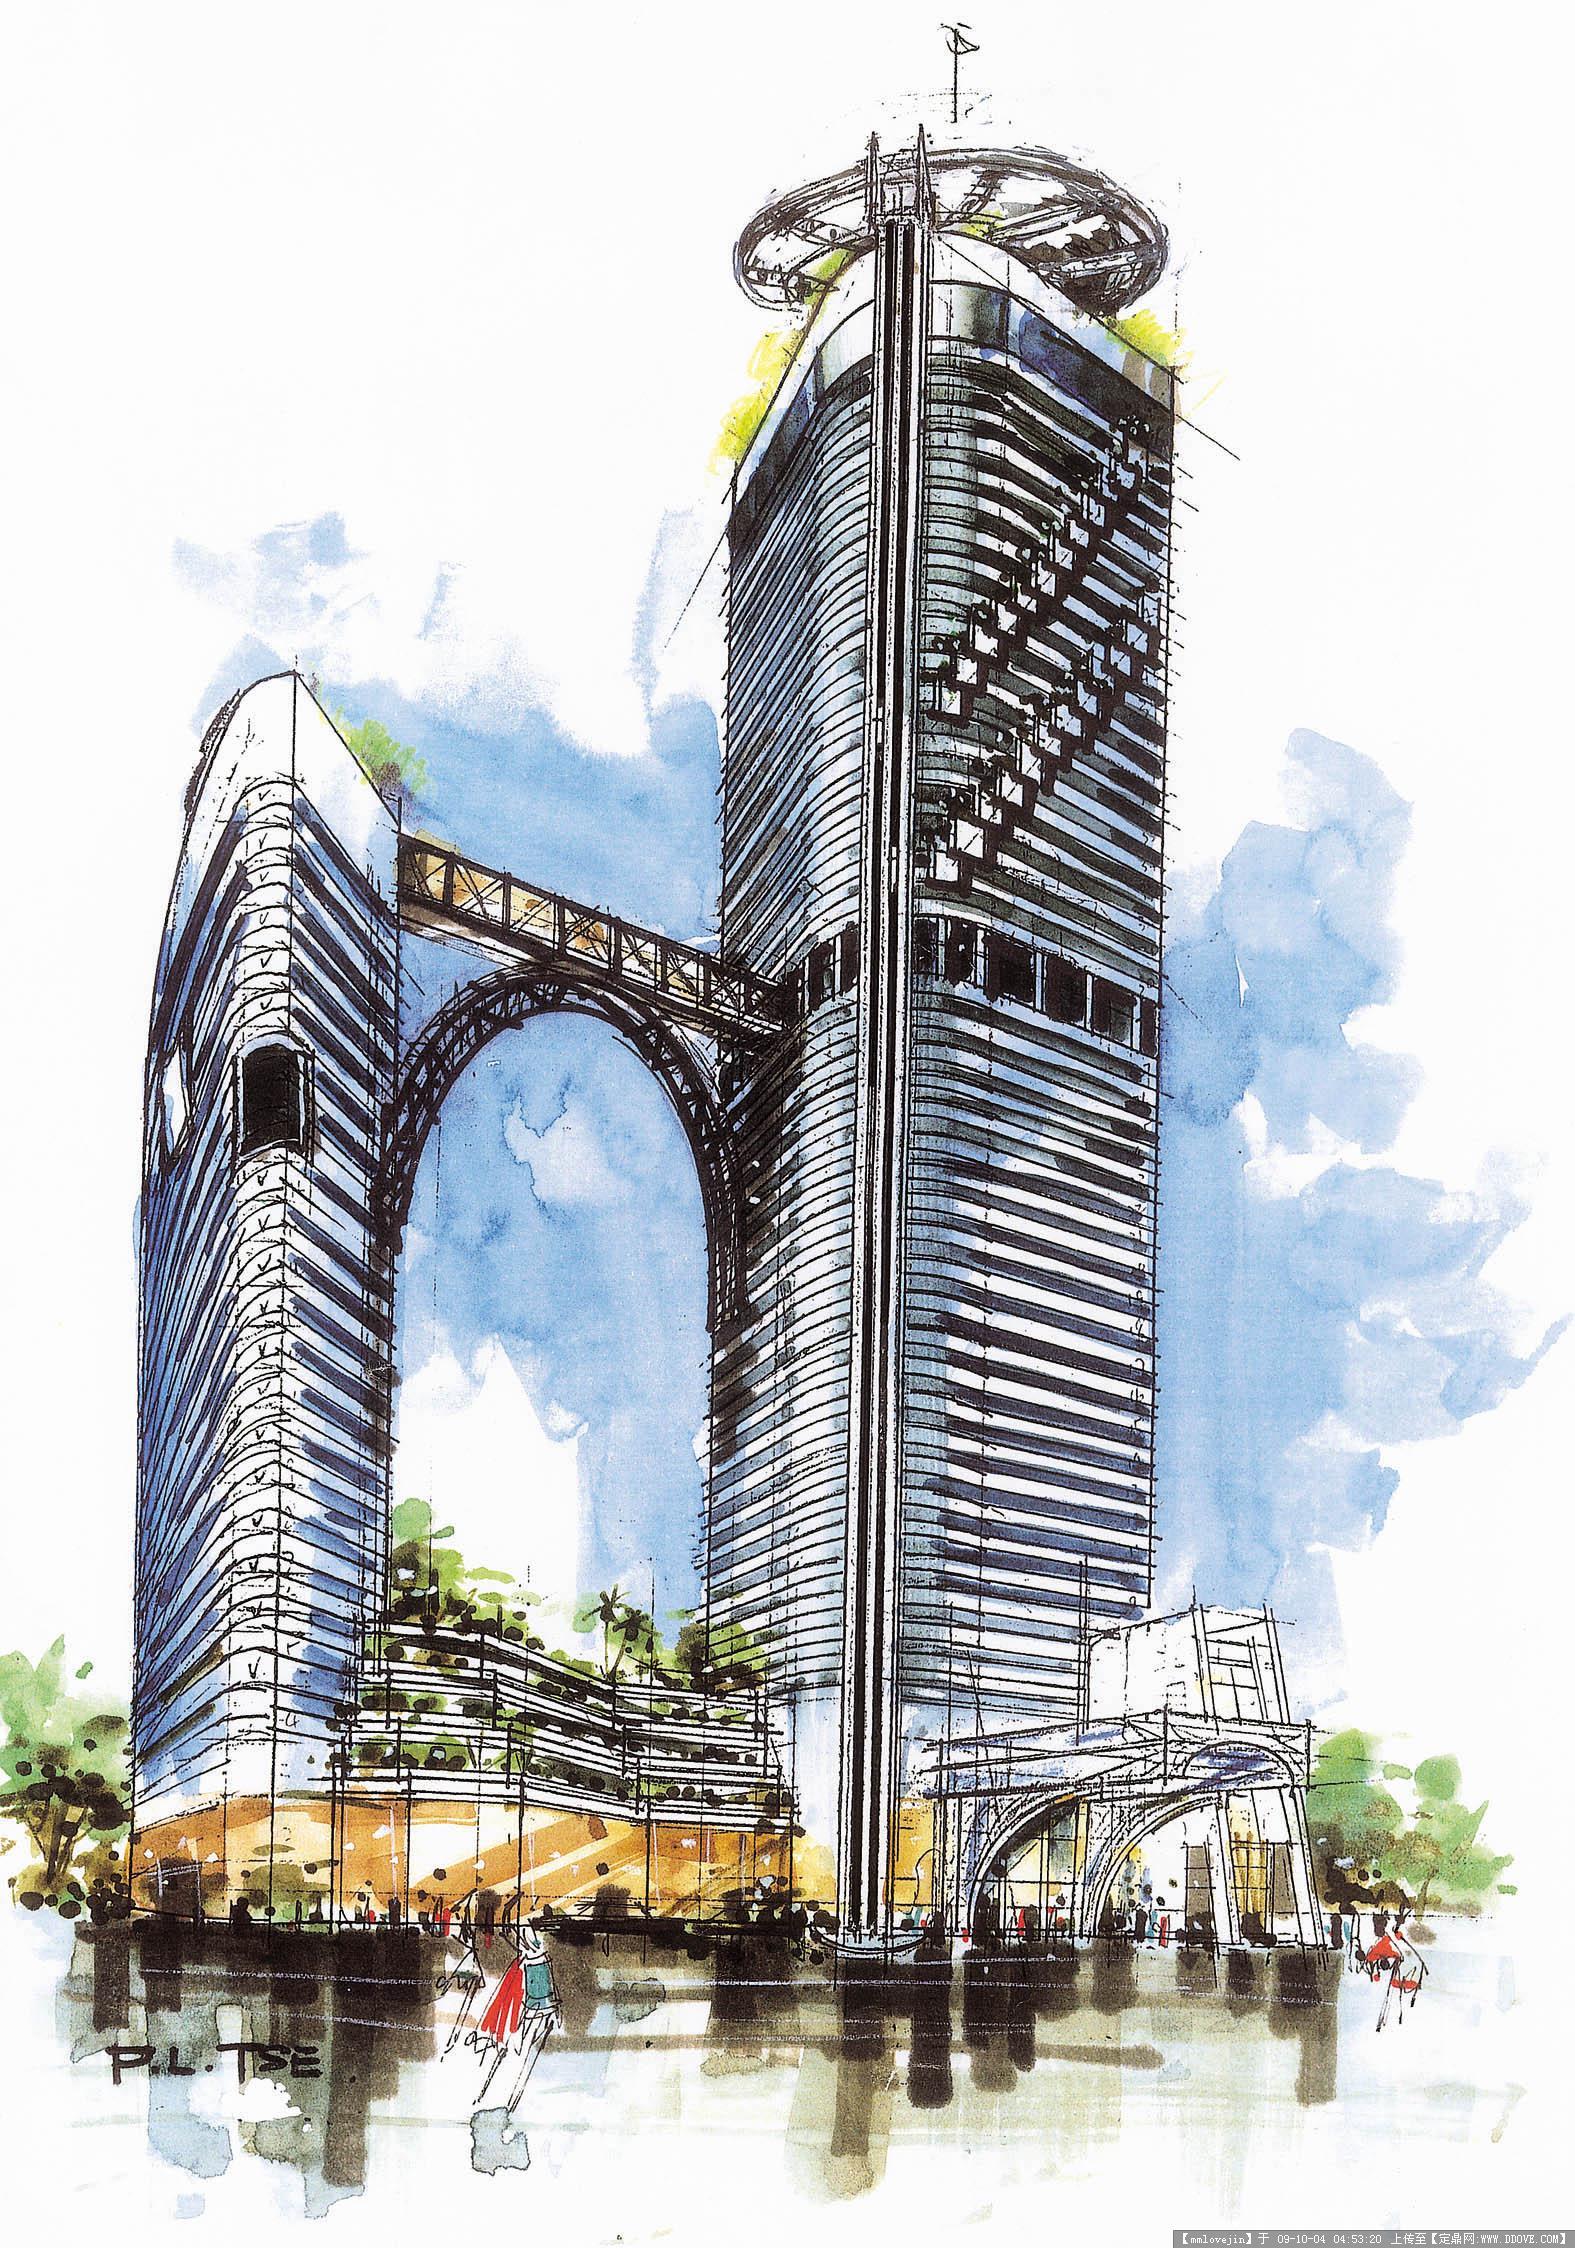 建筑设计手绘图模板下载 建筑; >建筑设计手绘图; 建筑绘图模板分享